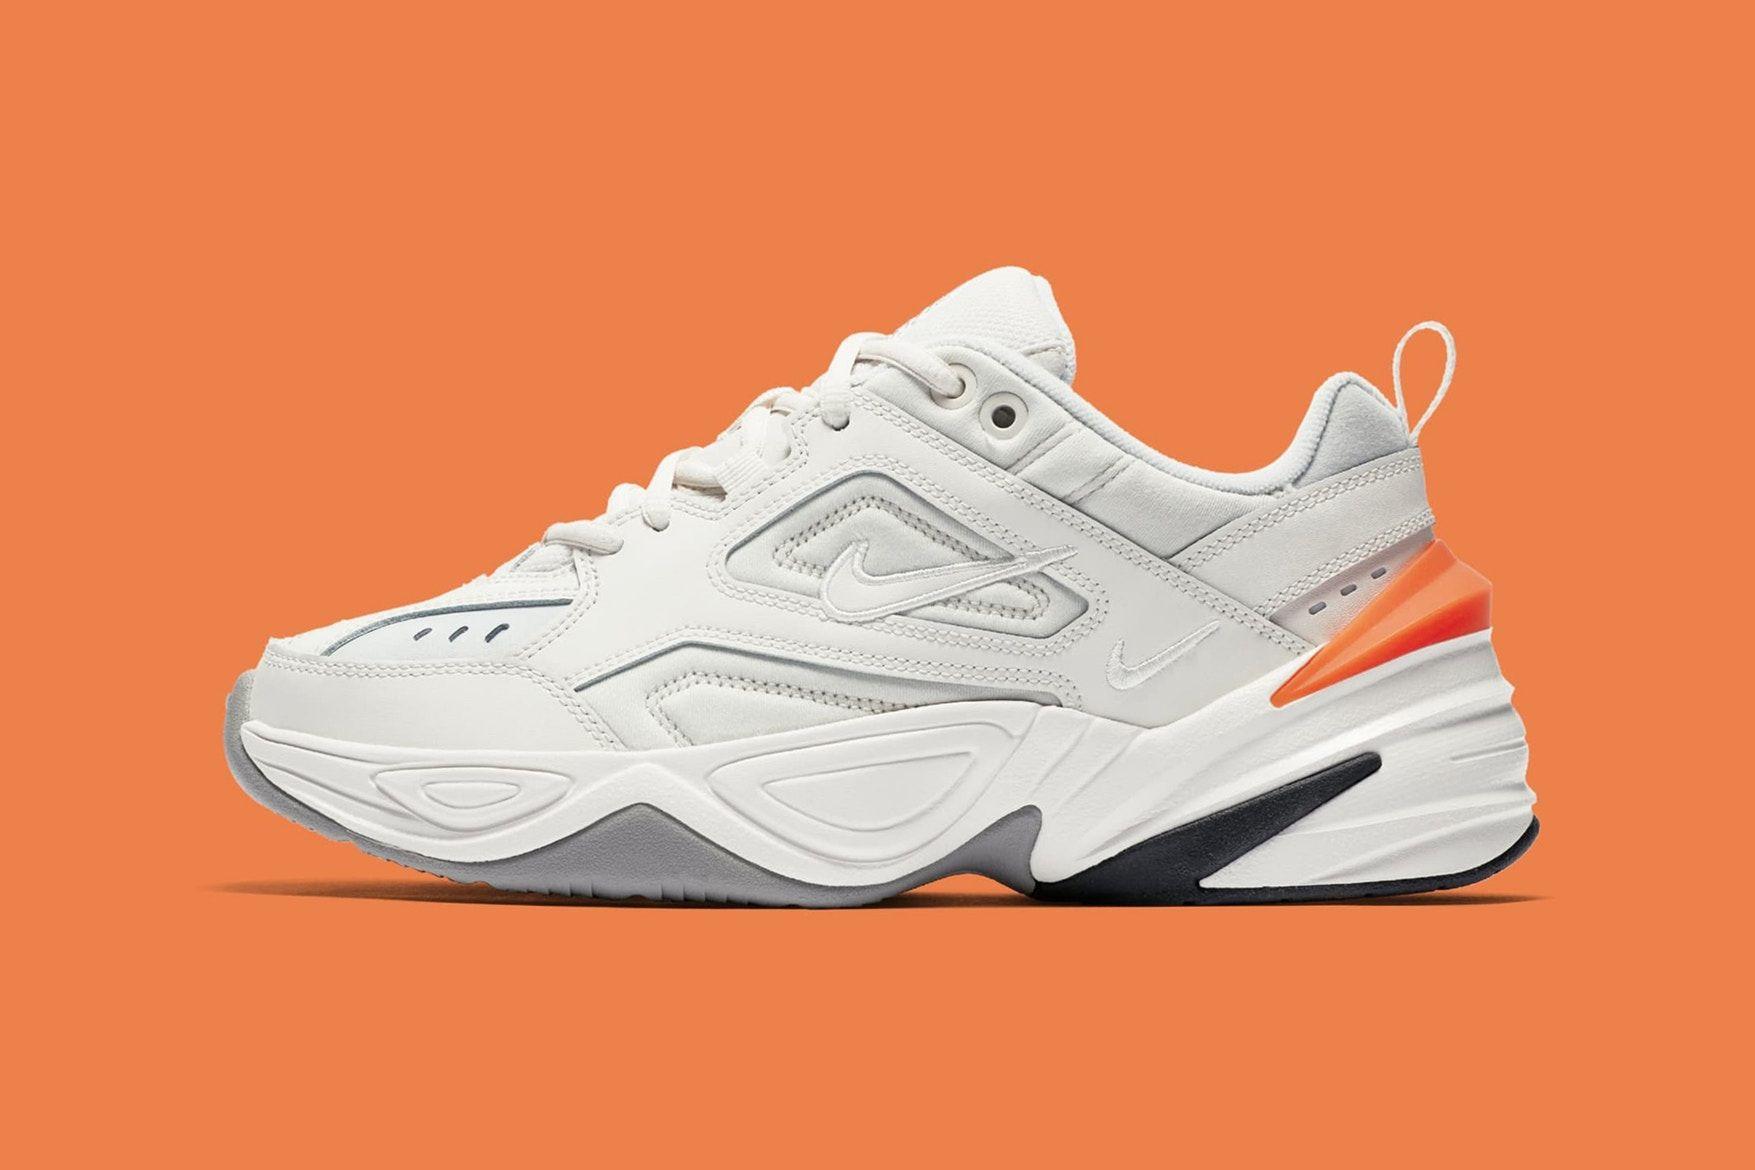 542abc16dd5acd Nike M2K Tekno WMNS Release date footwear may 19 2018 phantom oil hyper crimson  sneakers shoes footwear john elliott